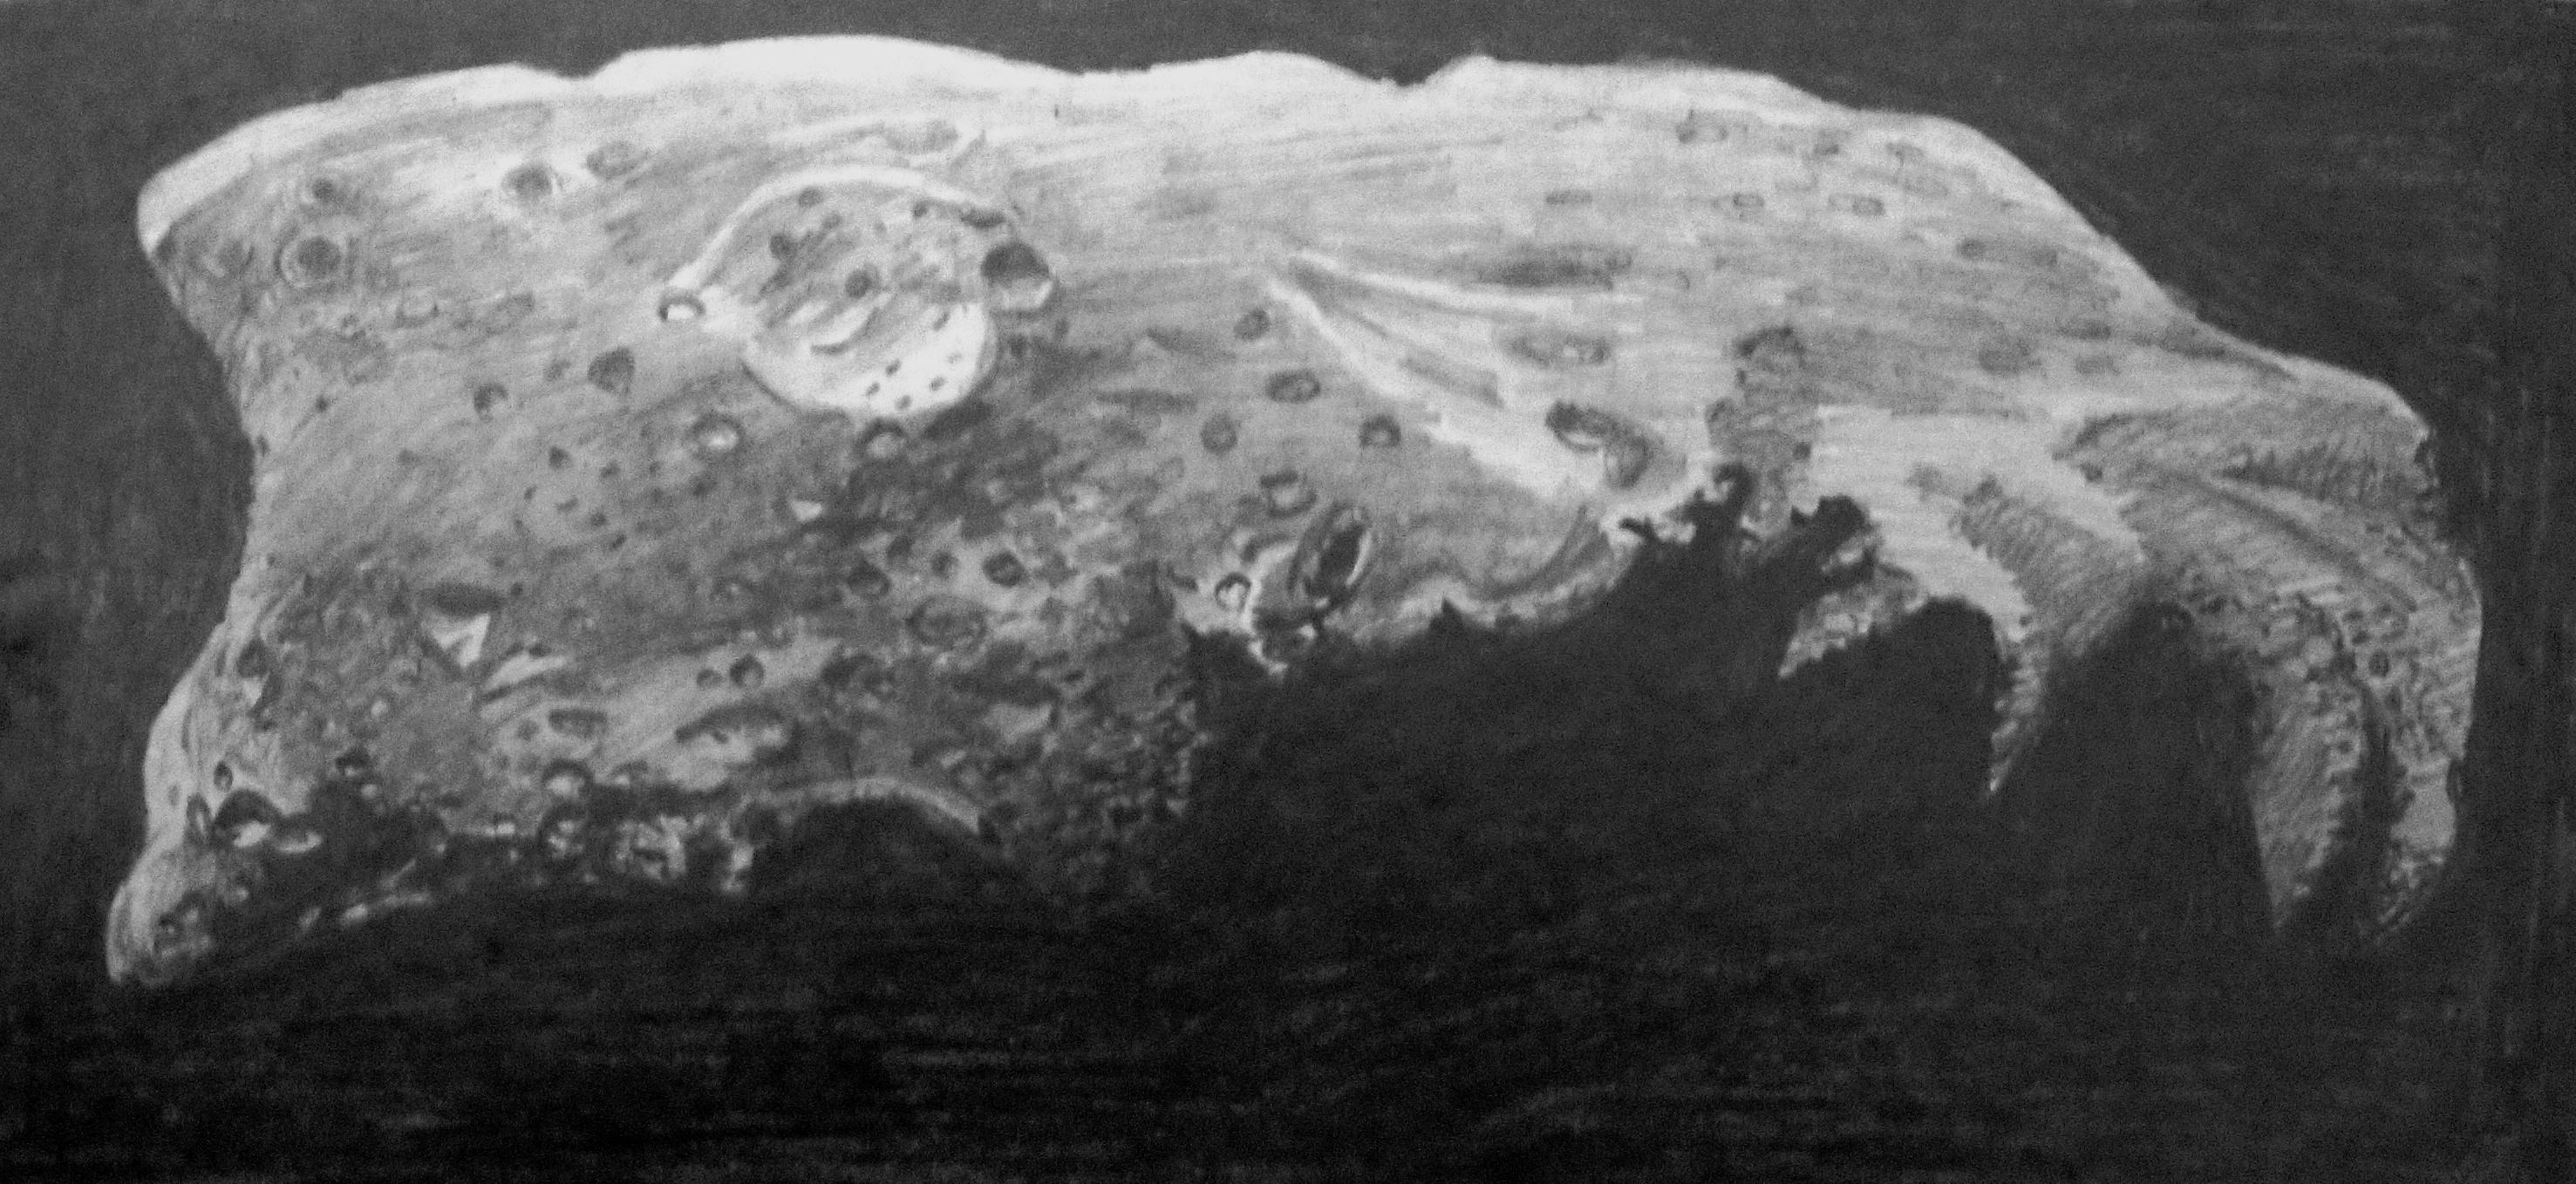 Asteroid 234 Ida